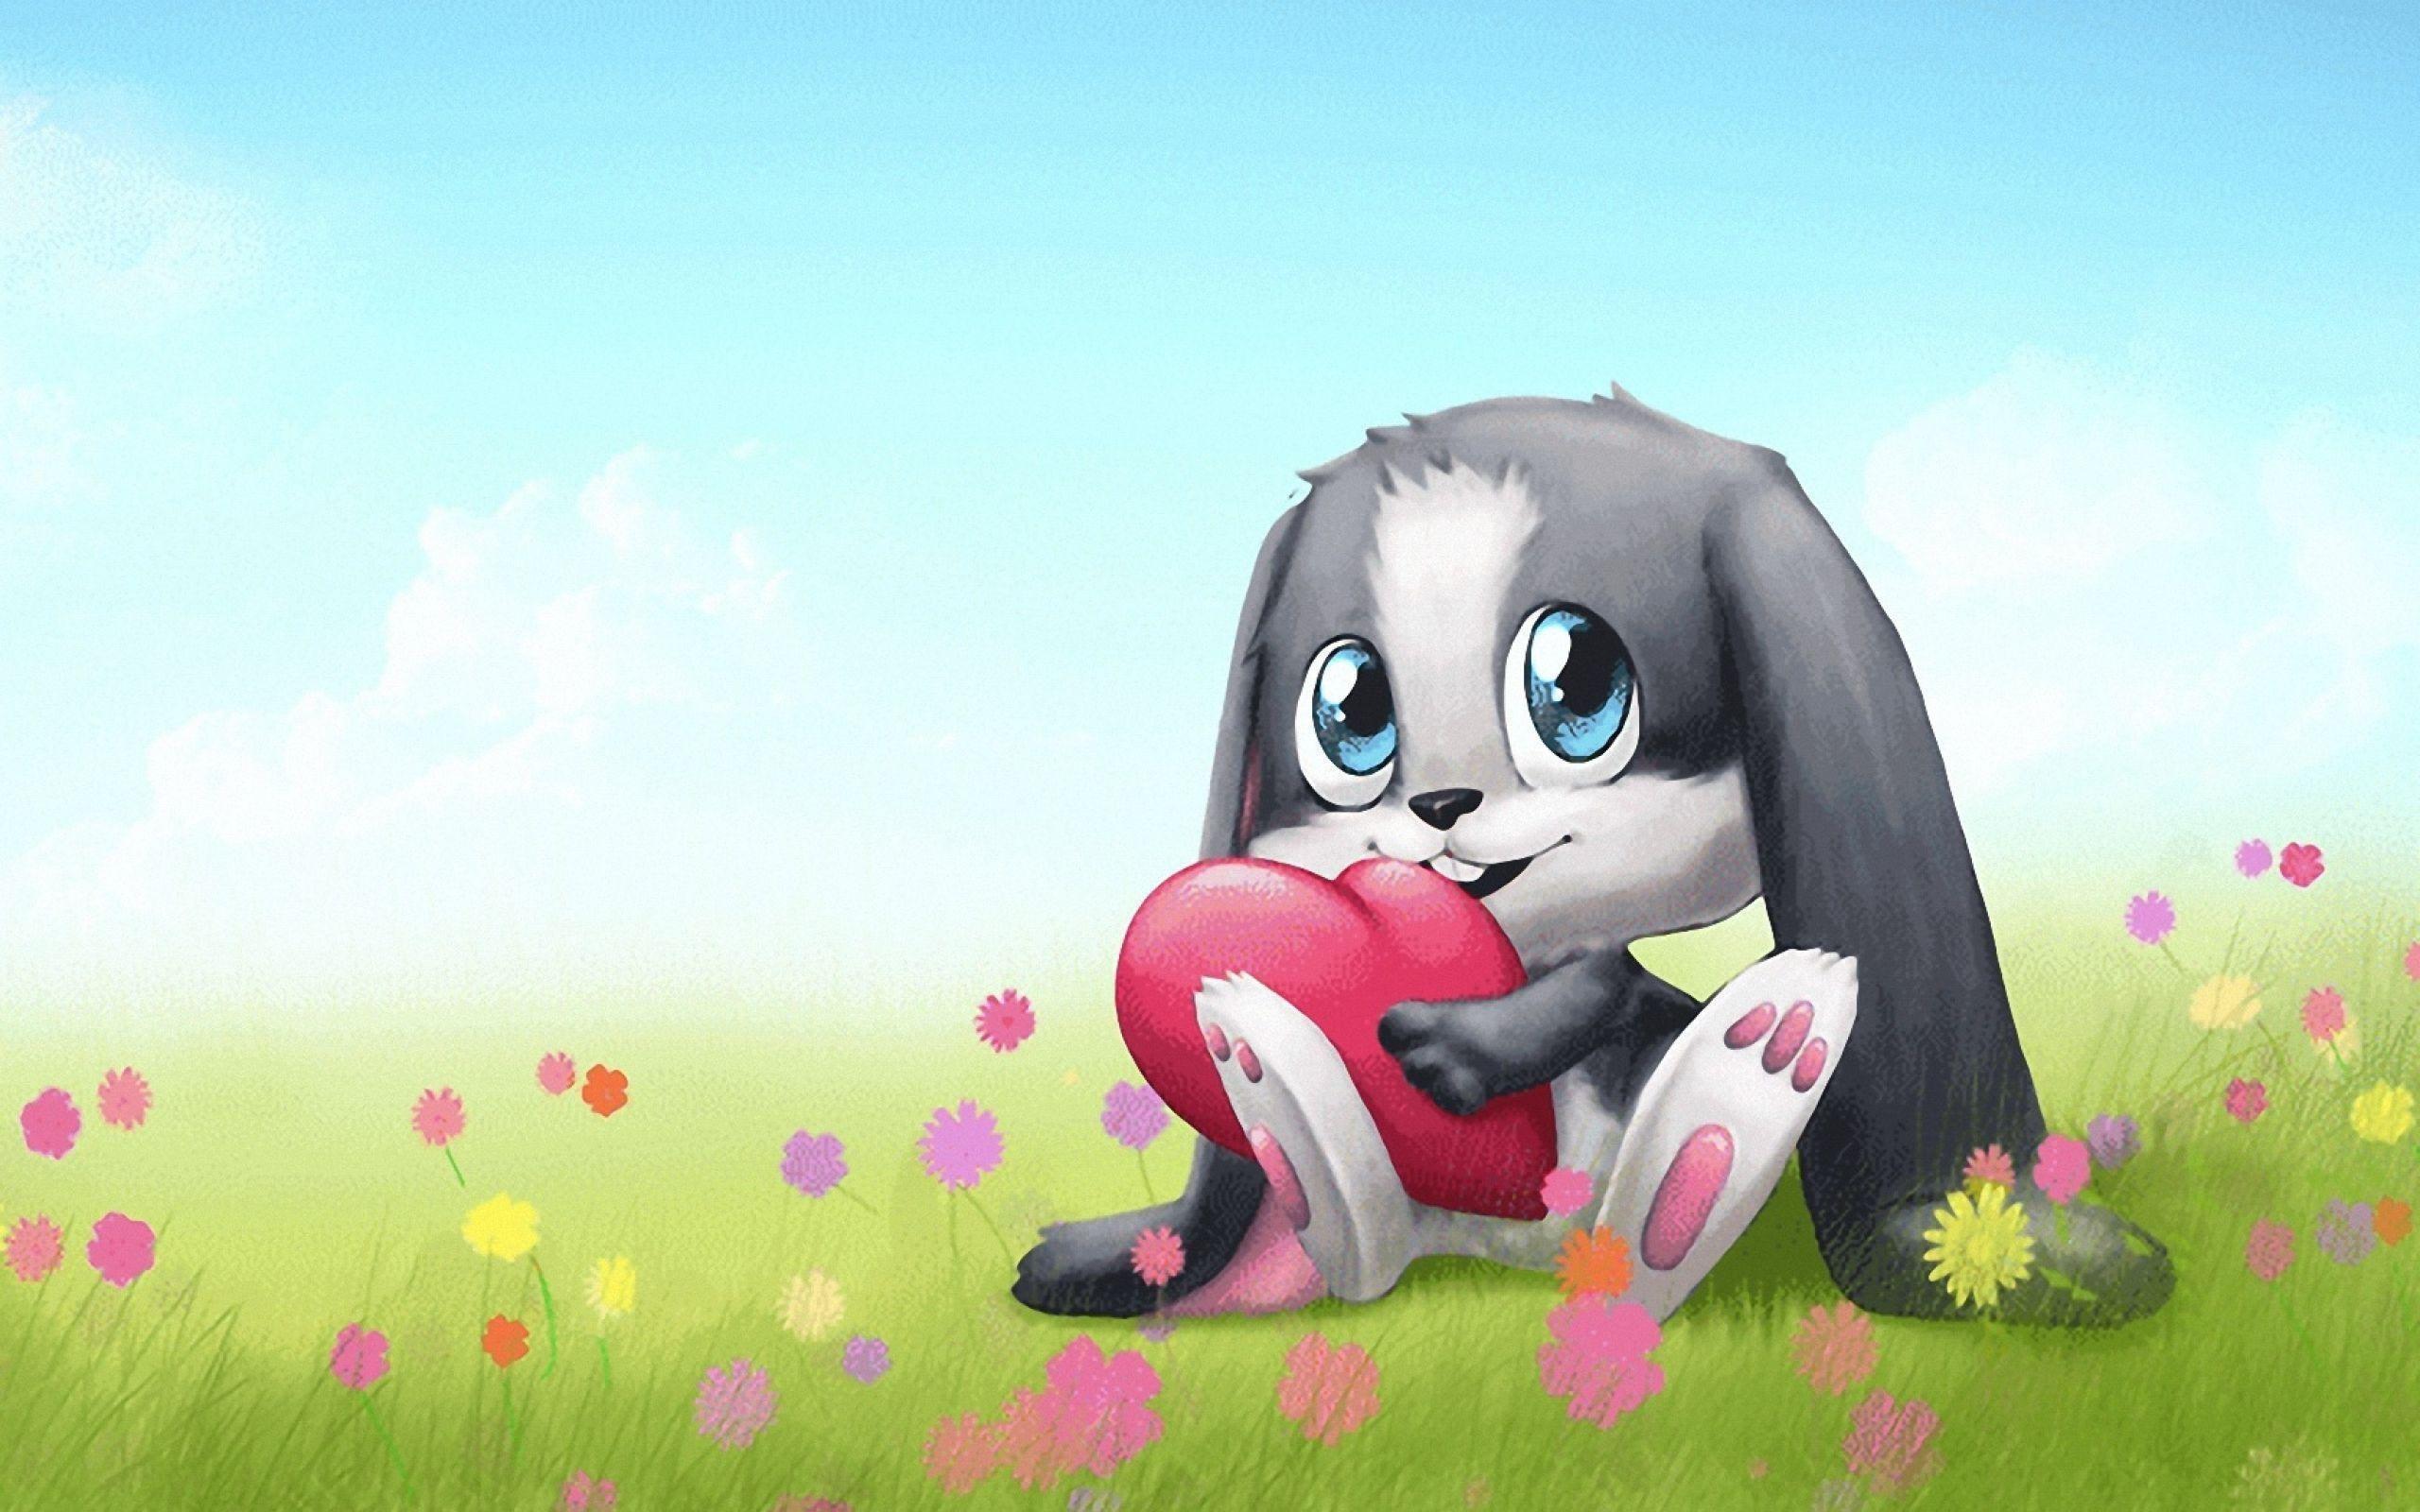 2560x1600 Cute Cartoons HD Wallpapers